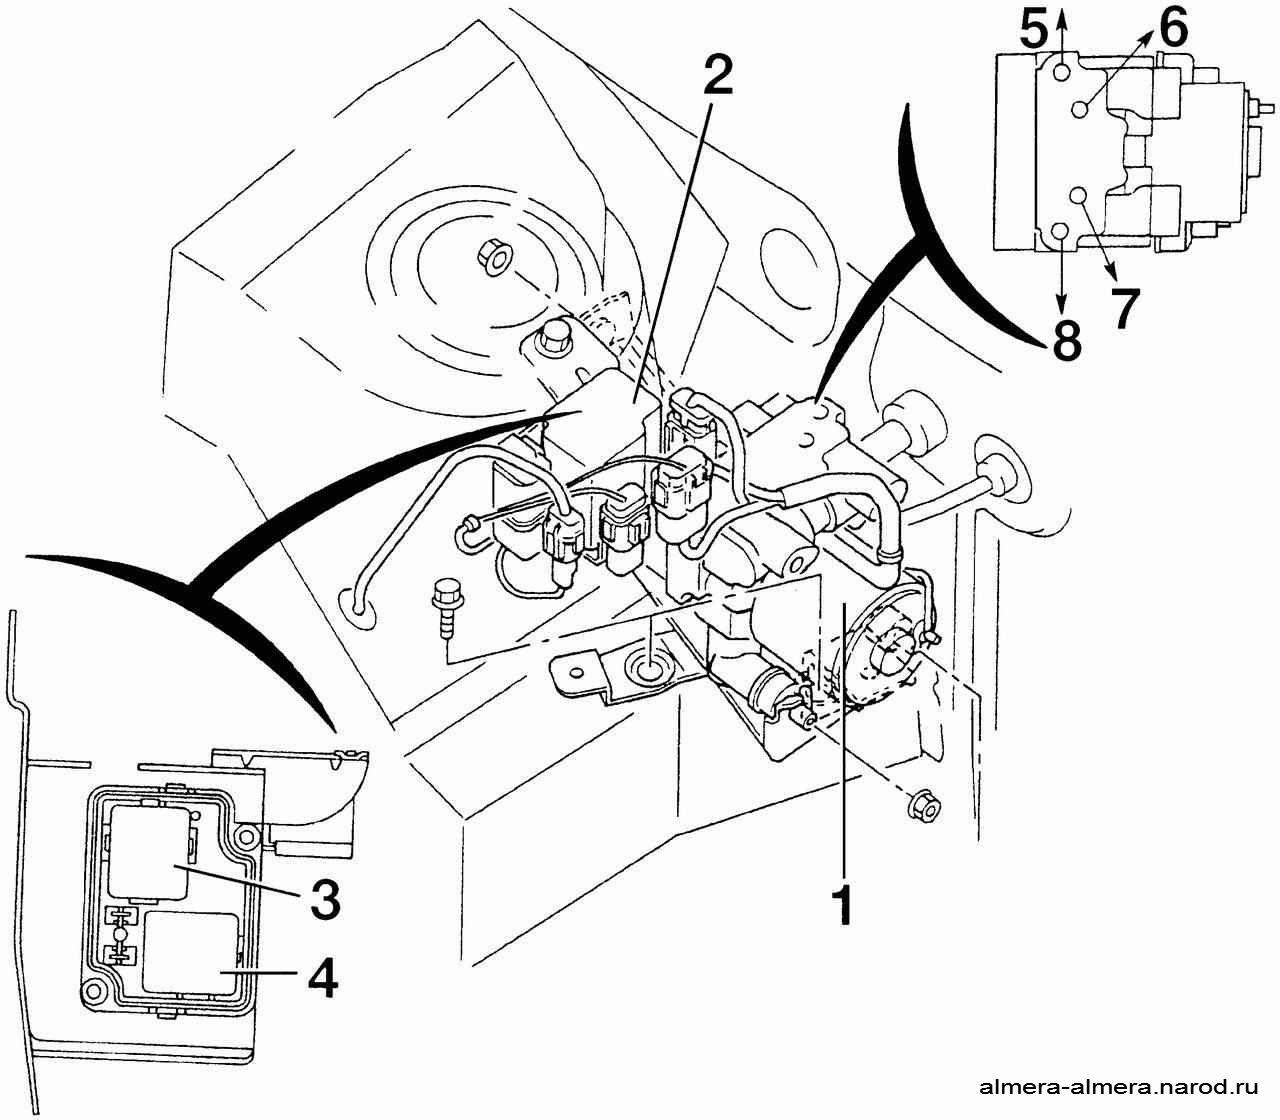 ...4 - реле включения насоса; штуцеры подсоединения тормозных механизмов колес: 5 - переднего левого; 6...